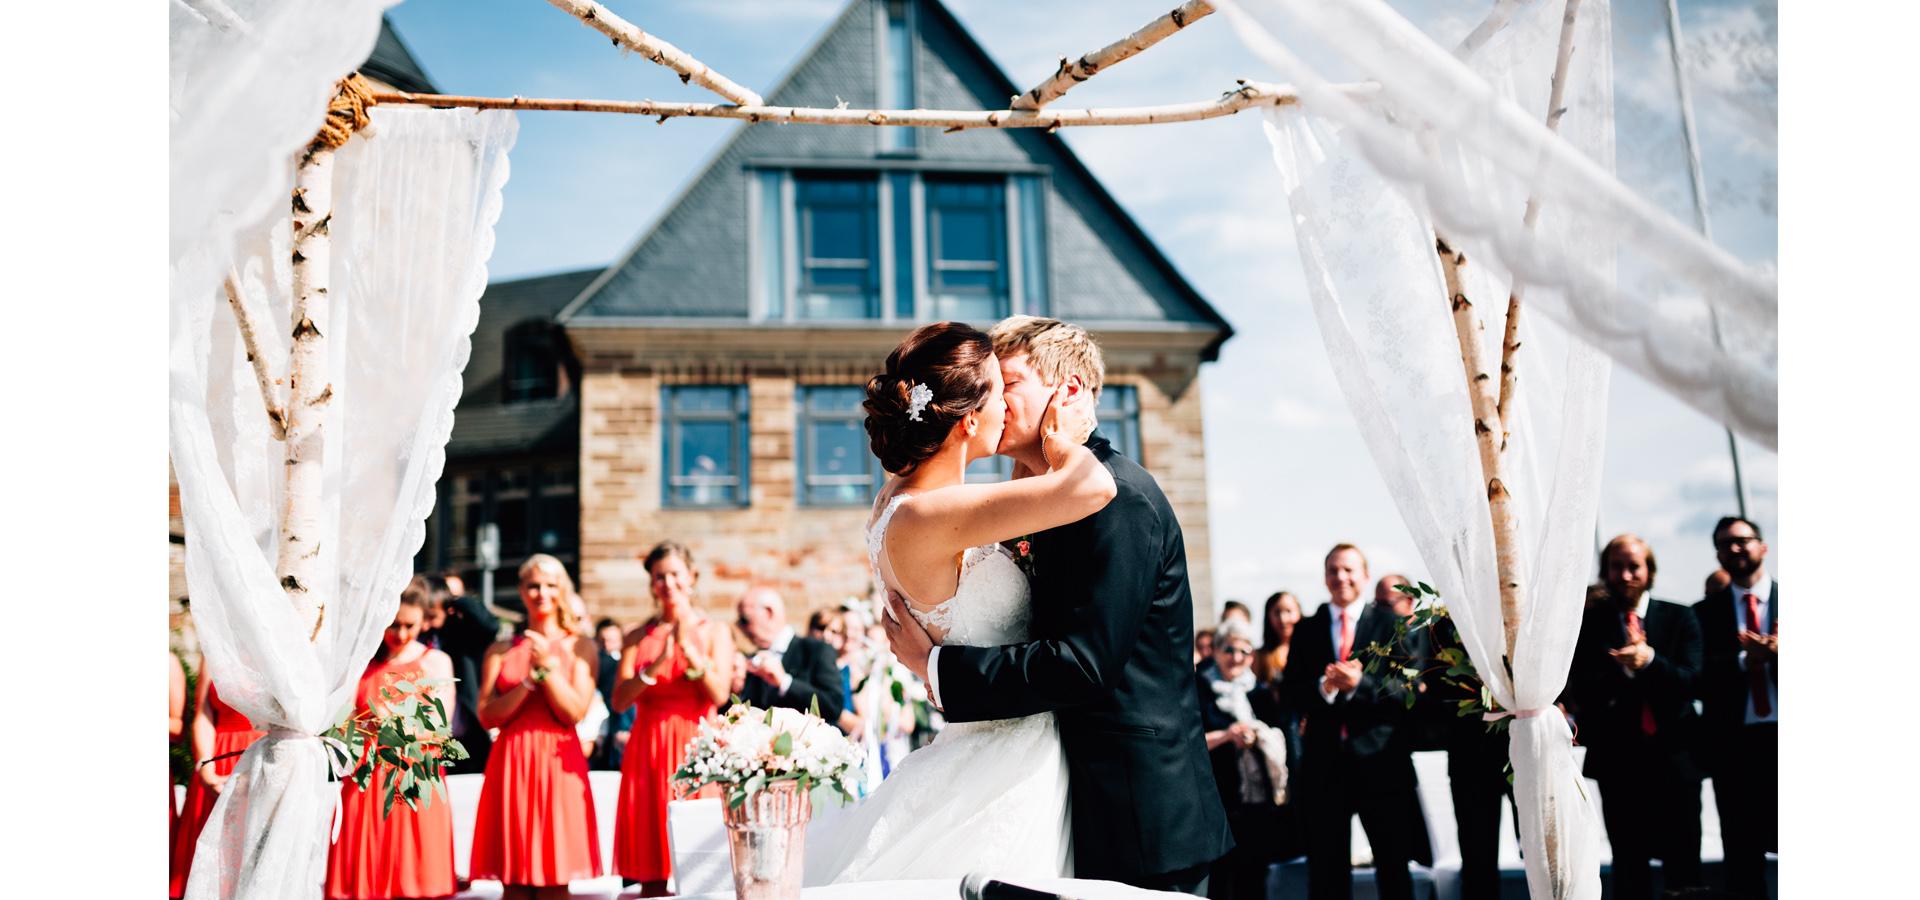 Hochzeitsfotograf Hochzeitsreportage Storytelling freie Trauung Schloss Waldeck Edersee Kassel Inka Englisch Photography